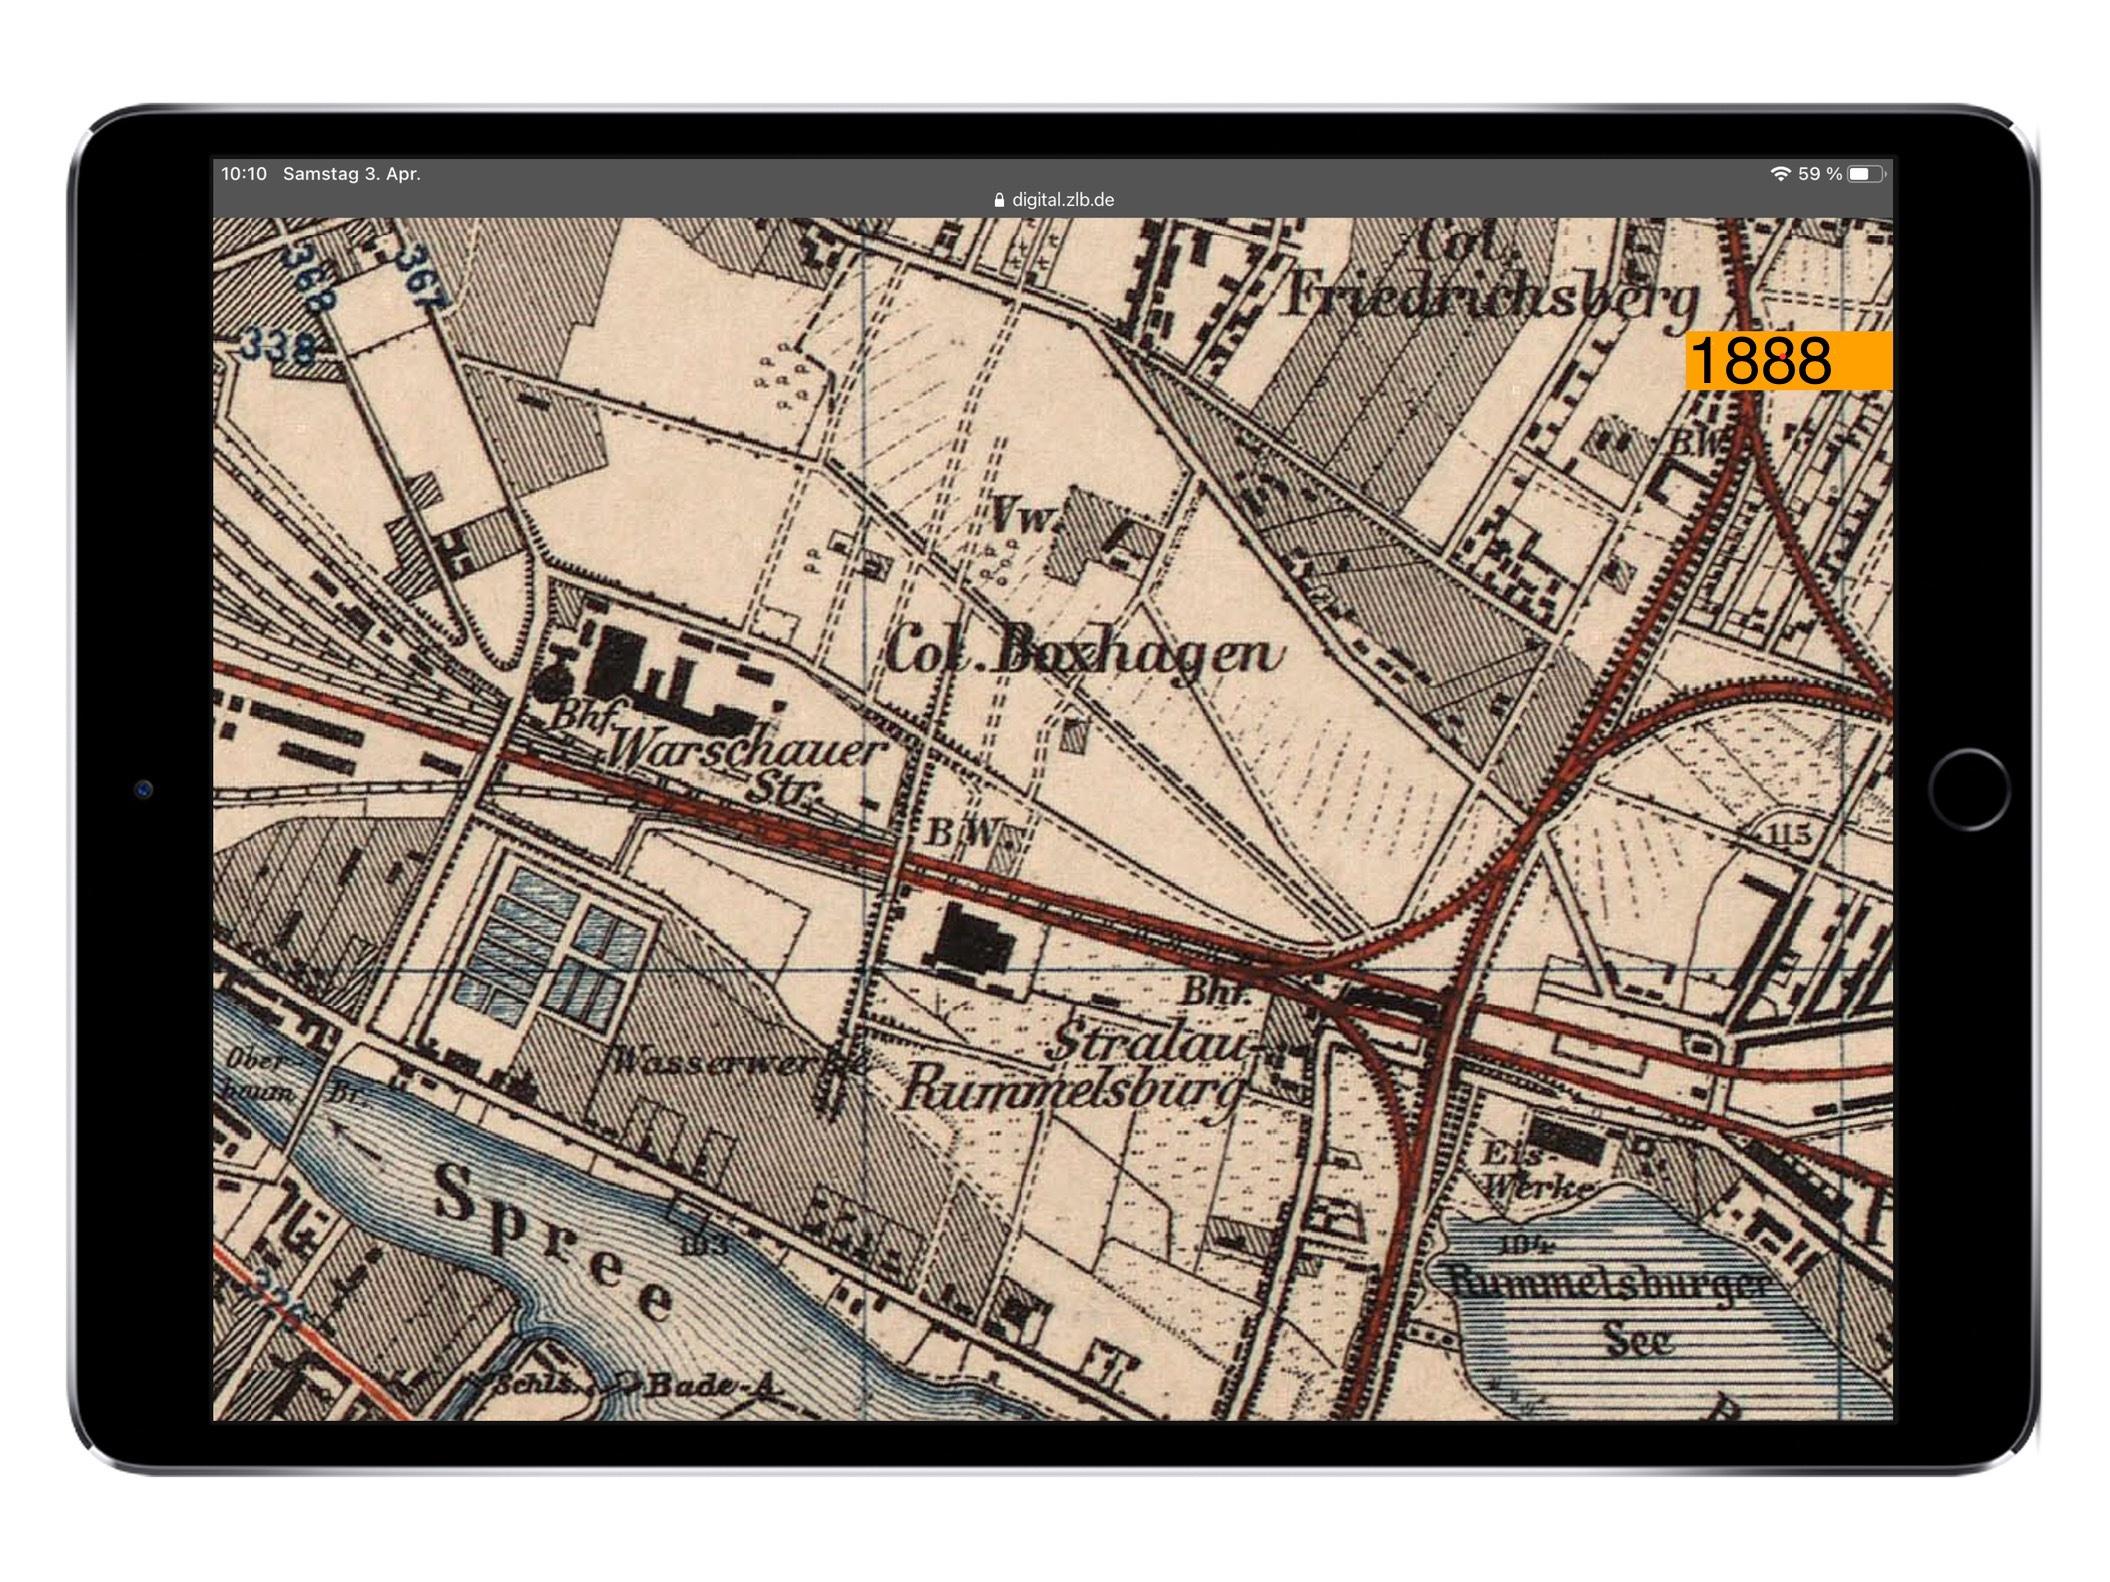 Titelbild - So sah der Bezirk Friedrichshain zu 1888 aus.